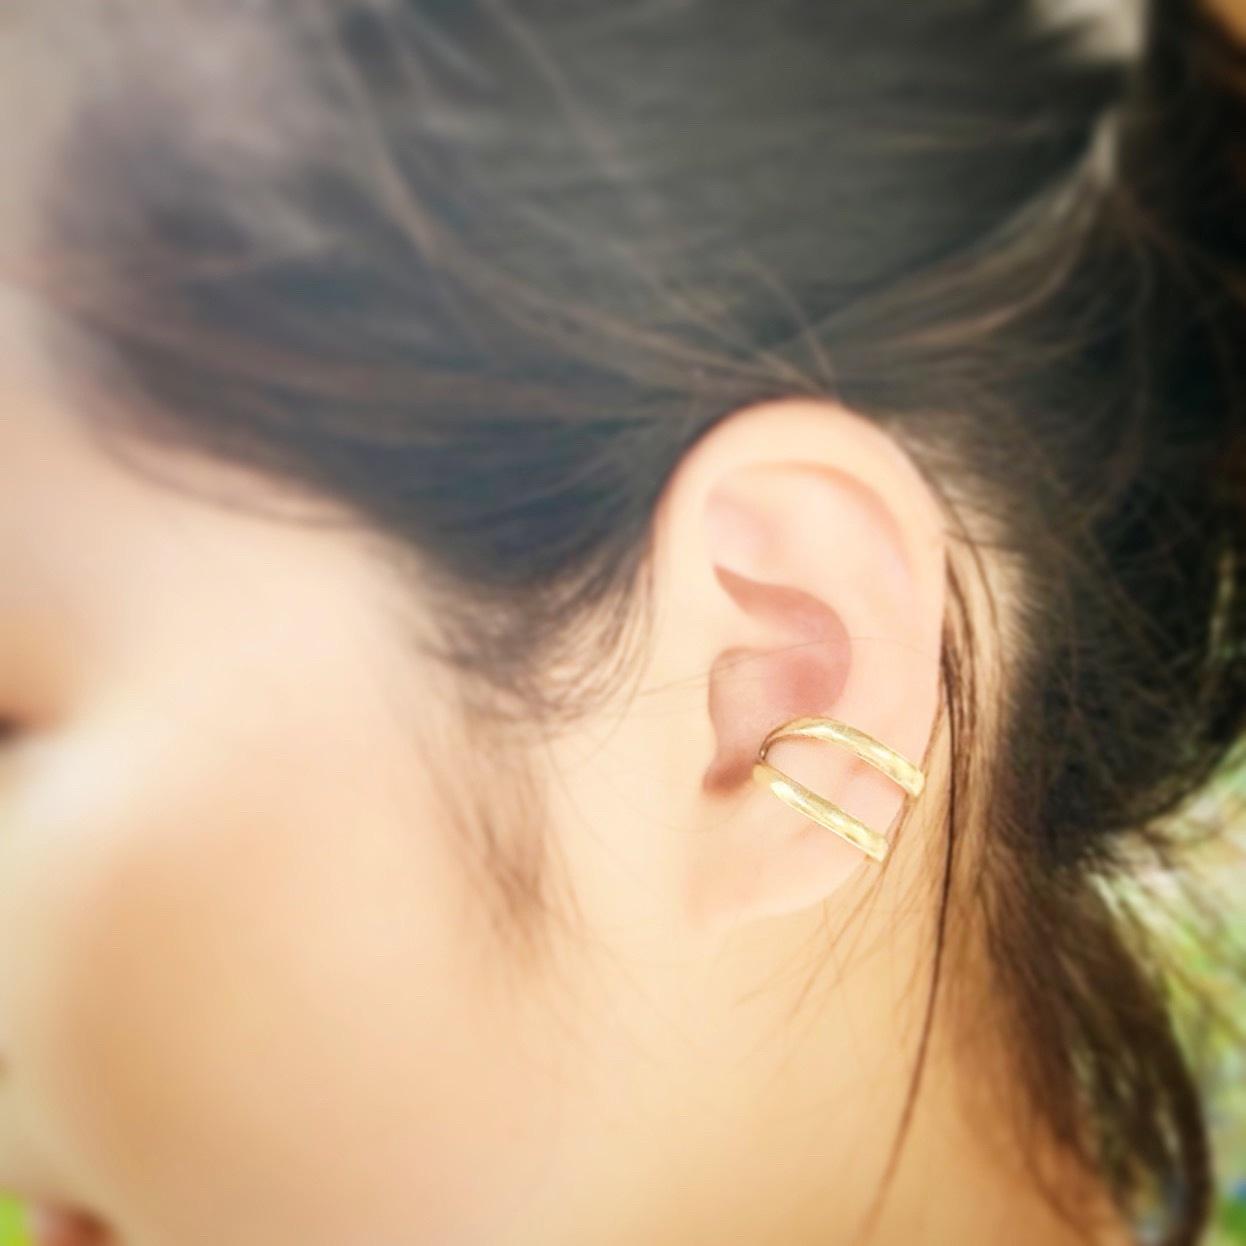 EAR CUFF / 弾丸の空薬莢から作られた真鍮イヤーカフ ピアス穴が開いていなくても着けられるイヤリング